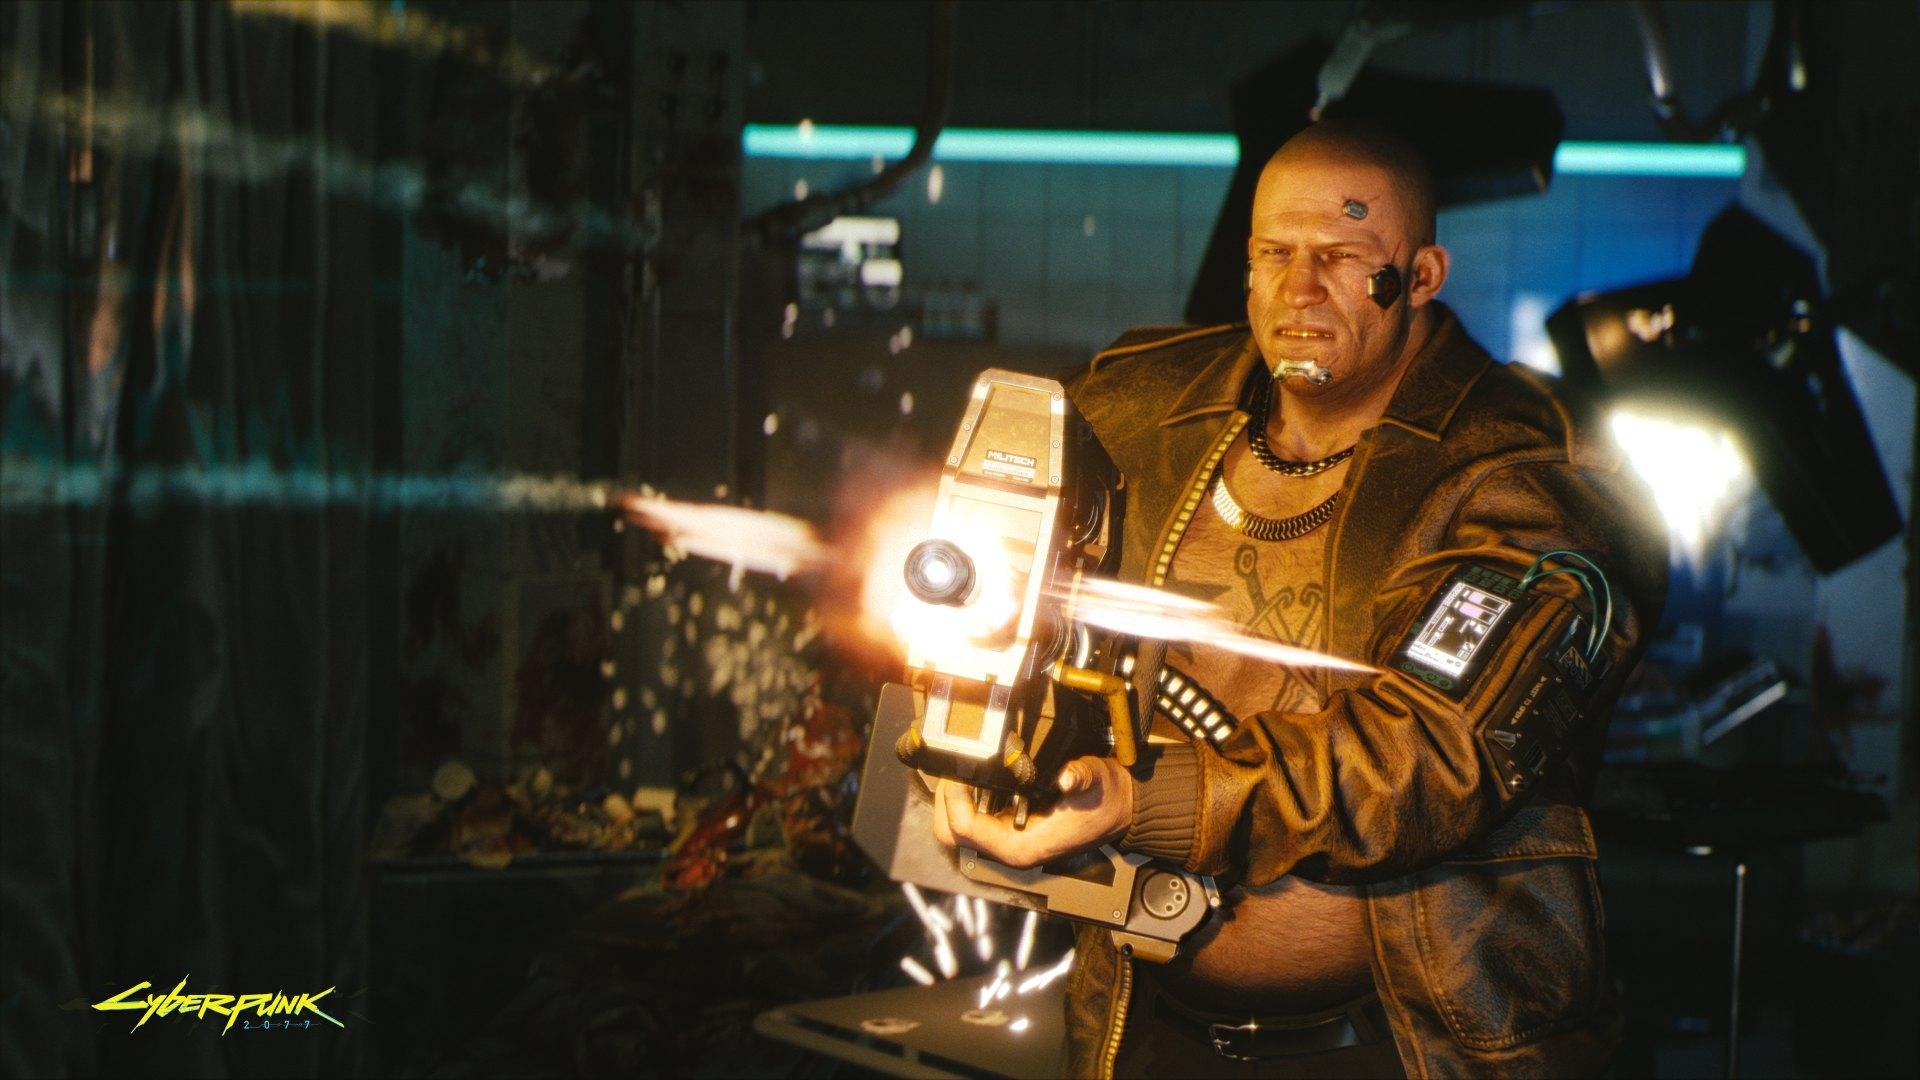 Cyberpunk2077_Big_Man_With_a_Big_Gun_RGB-en.jpg